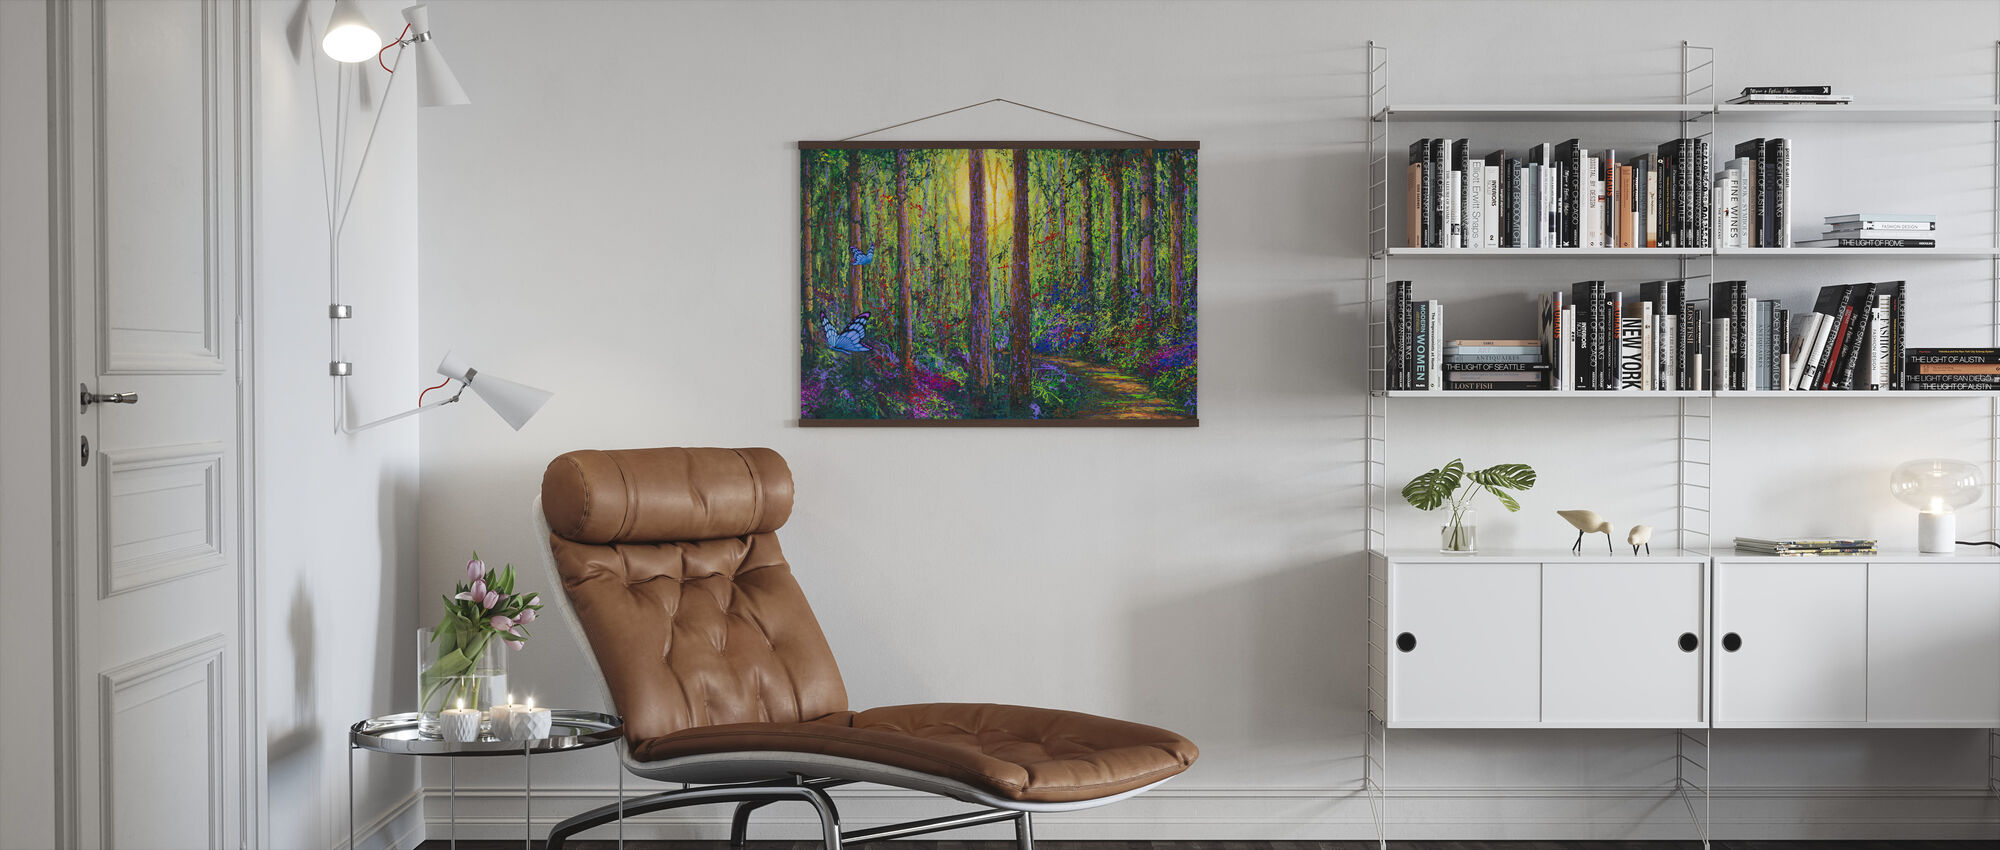 Bos-vlinders - Poster - Woonkamer